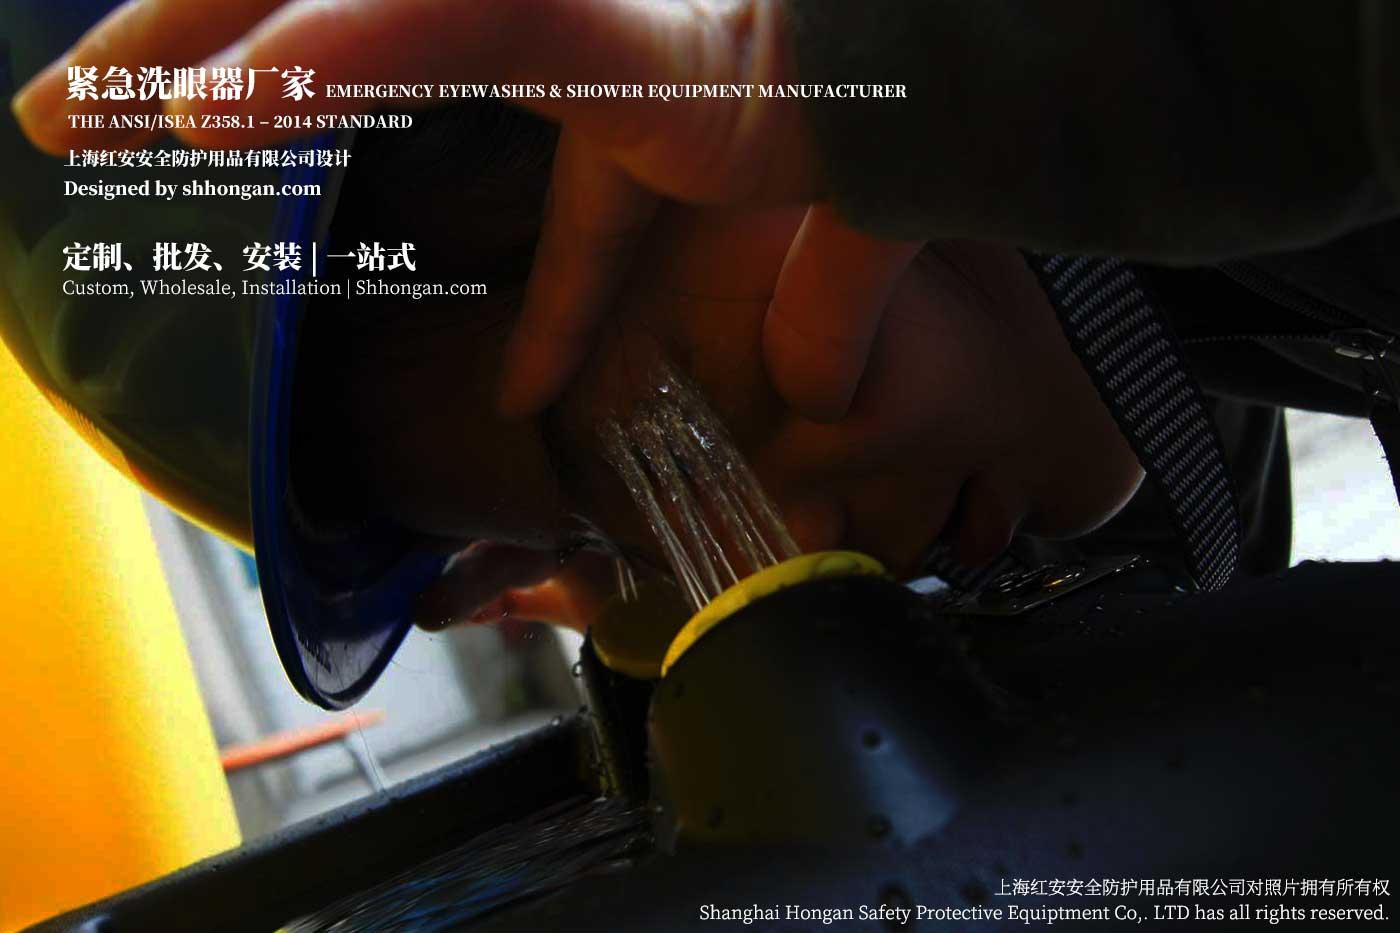 上海红安安全洗眼器防护用品有限公司